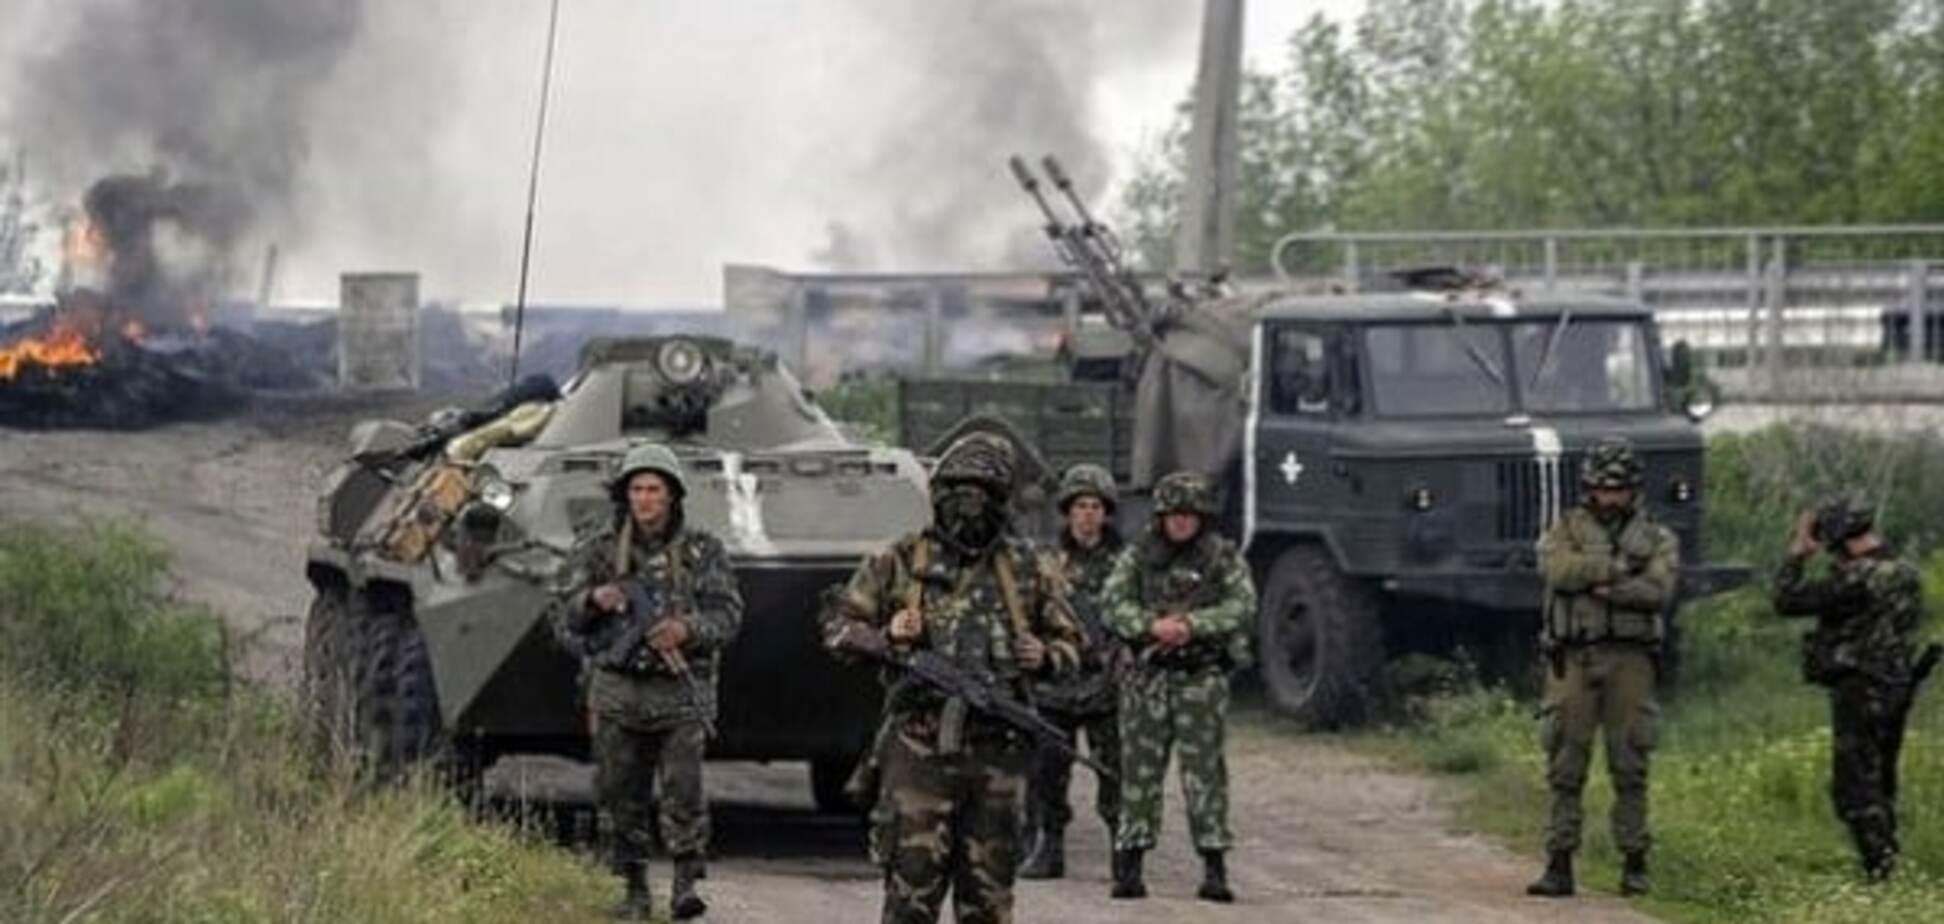 Працював 120-й калібр: терористи обстріляли сили АТО на Донбасі